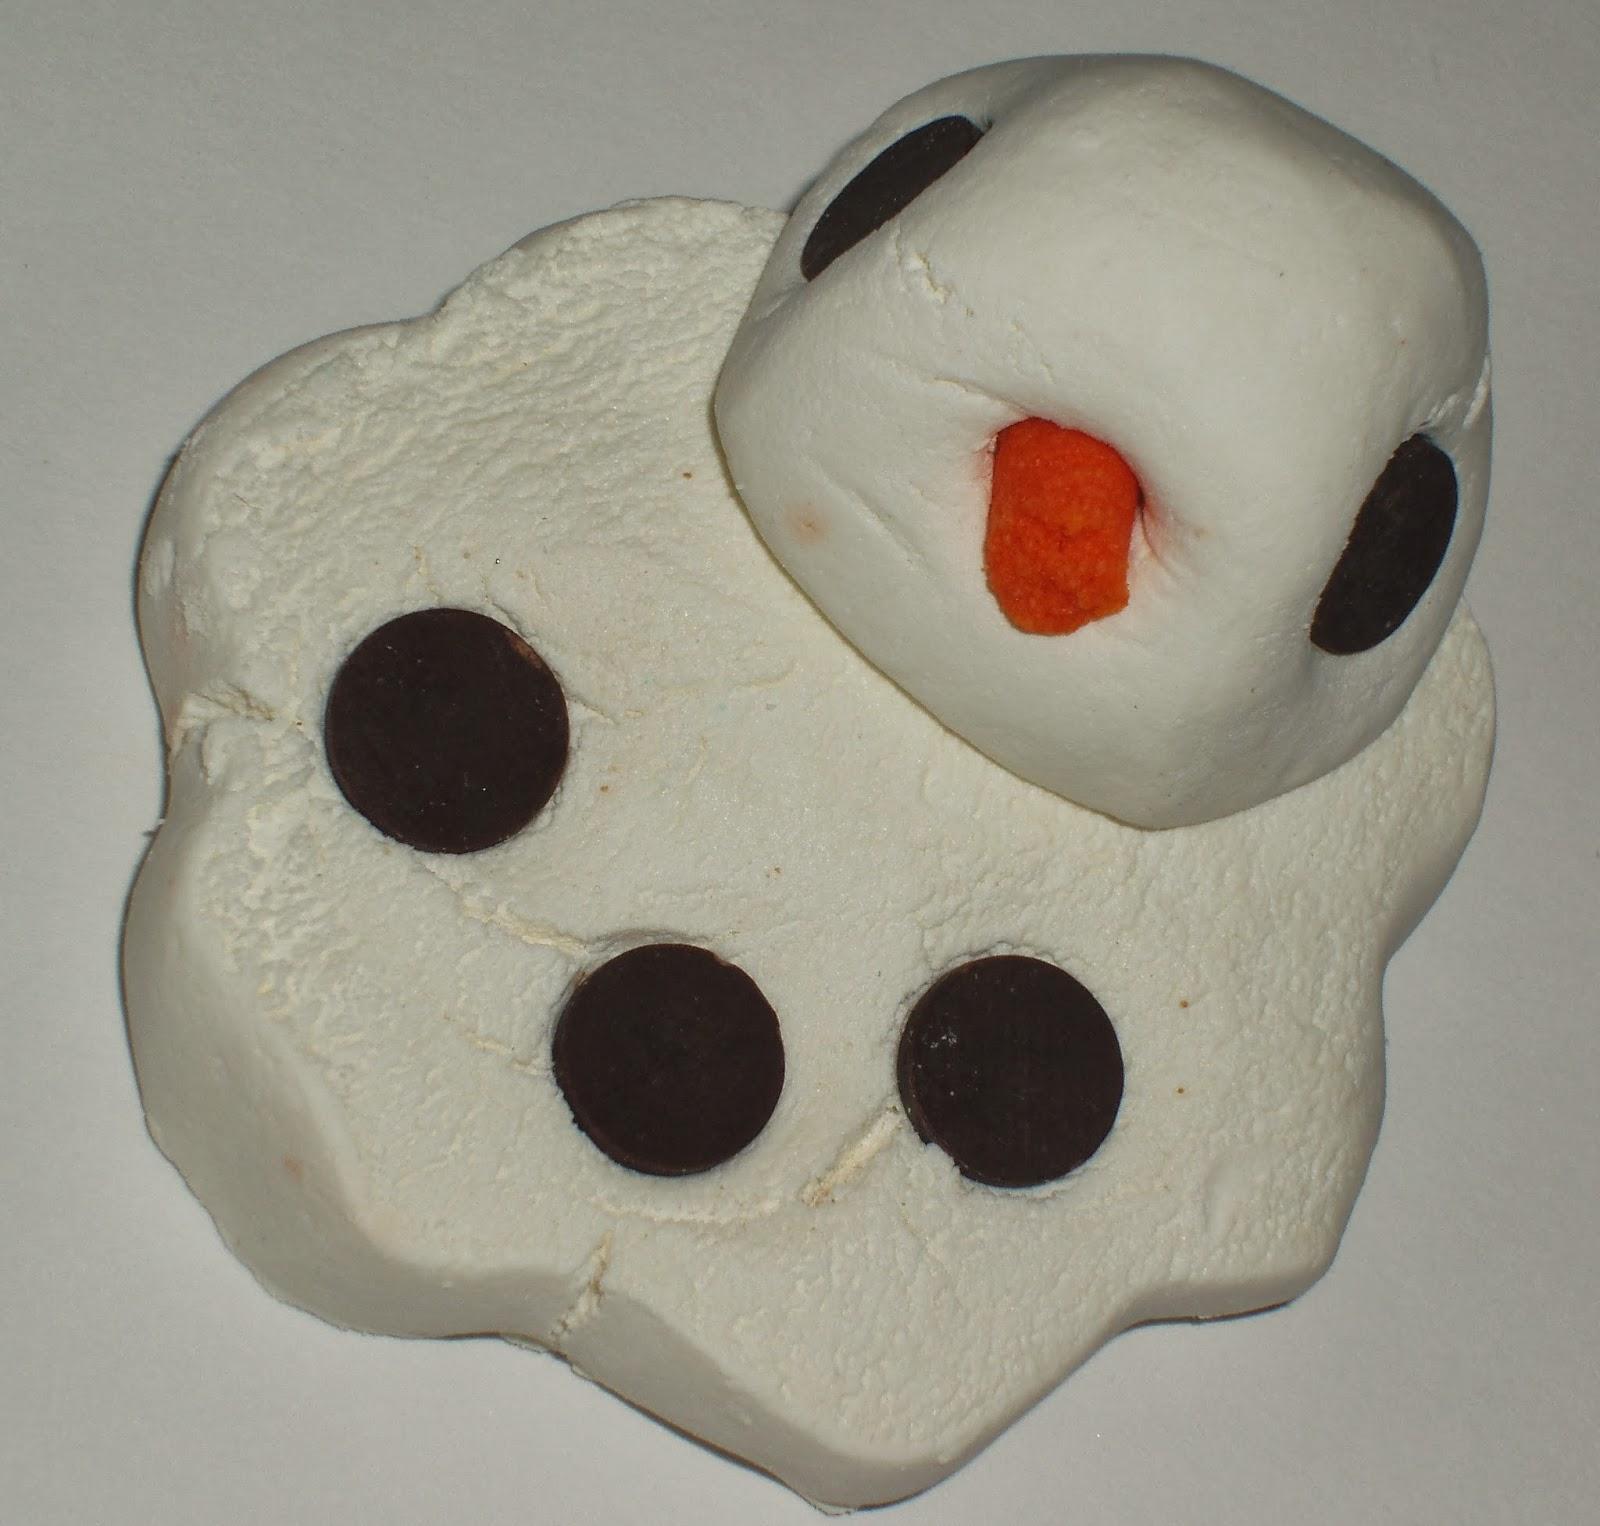 4.bp.blogspot.com_-yp5UY-weLQA_UoBKB5H08PI_AAAAAAAAJE4_pk8KKPQRJ3k_s1600_P1010001+-+Lush+Melting+Snowman